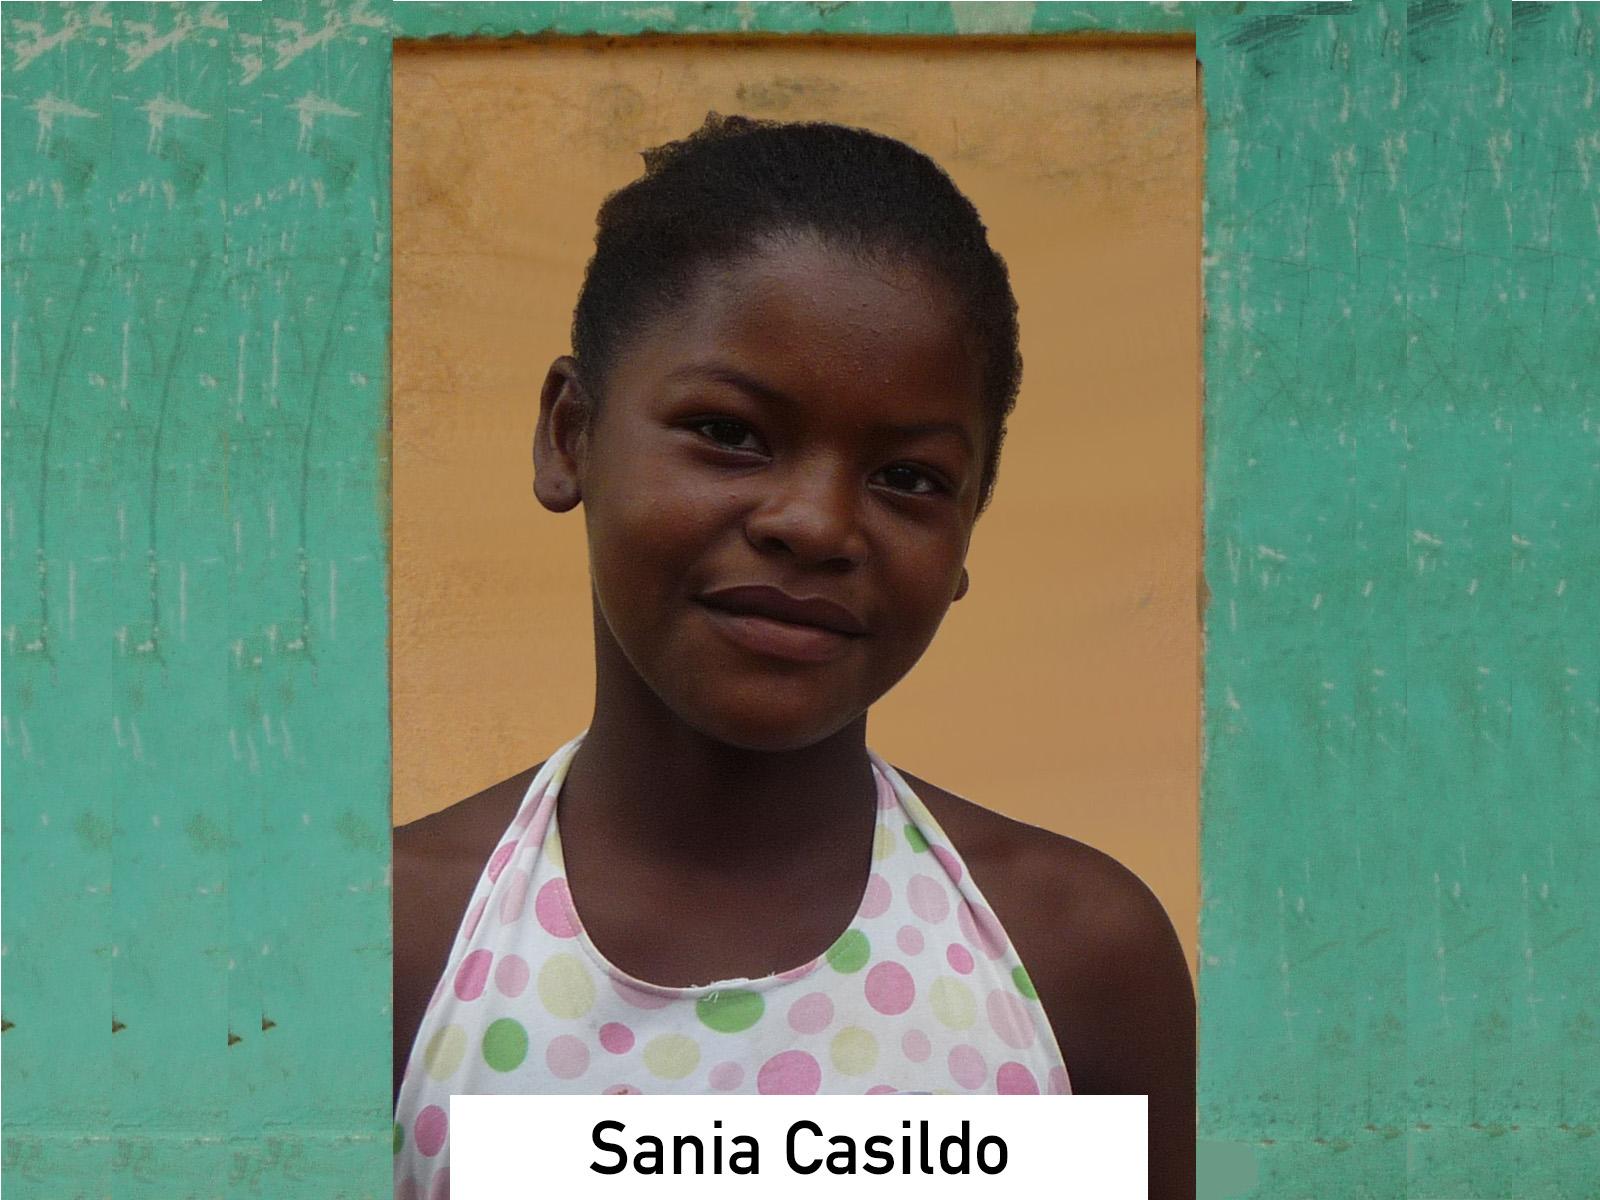 055 - Sania Casildo.jpg